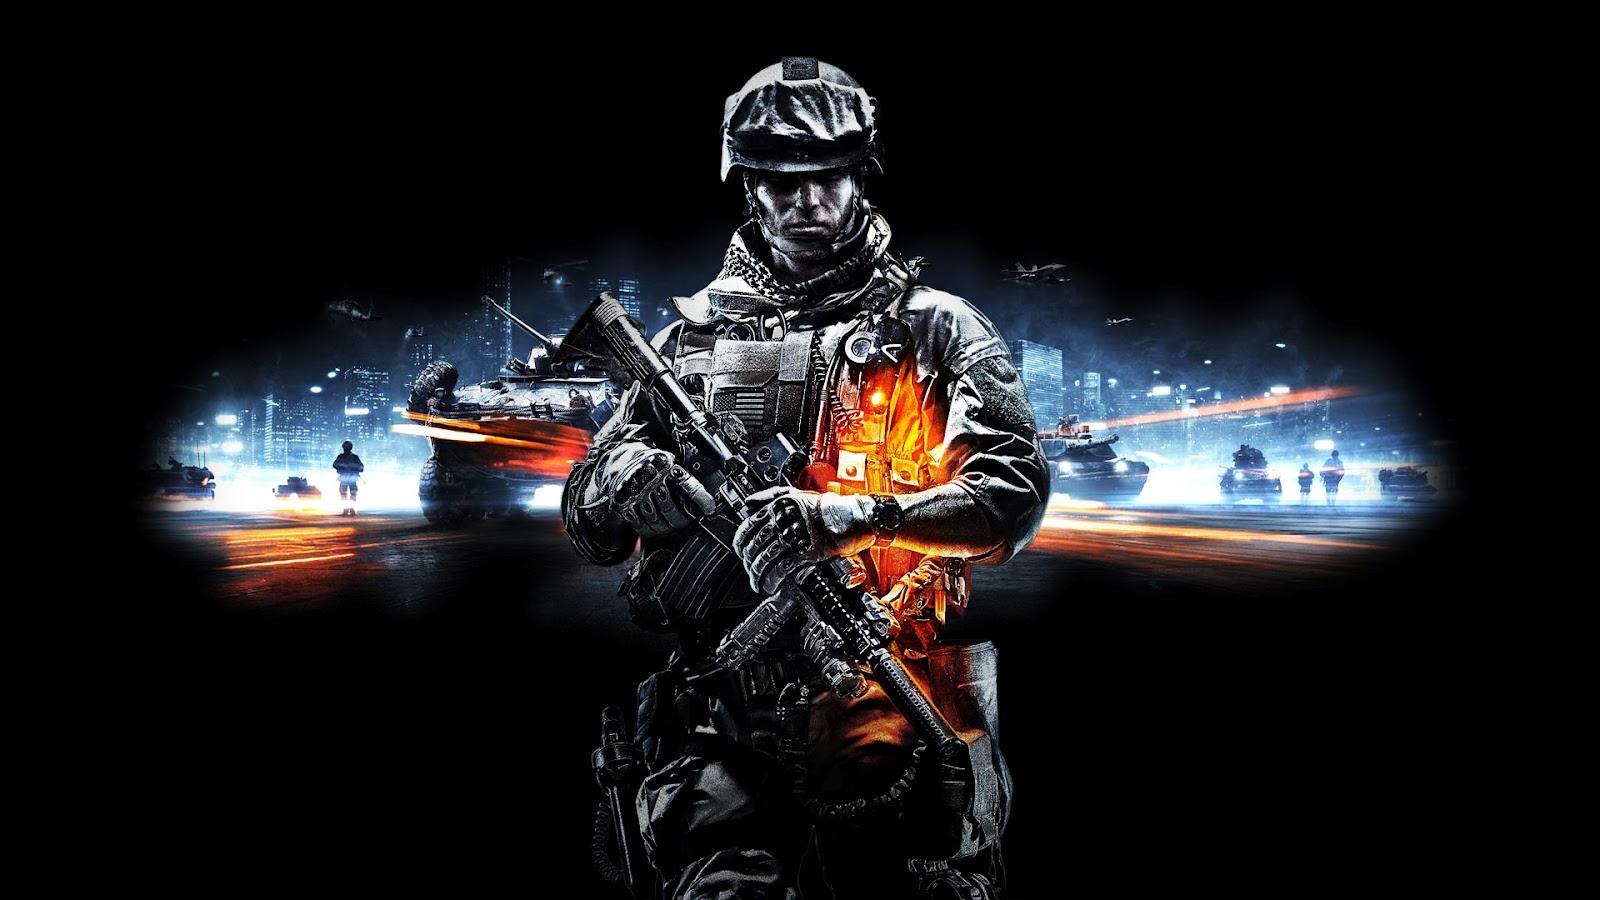 http://1.bp.blogspot.com/-ZQea_hrctz4/UBVH7fuIF1I/AAAAAAAAE1Q/DhZecTgCDdc/s1600/battlefield+3+wallpaper+5.jpg